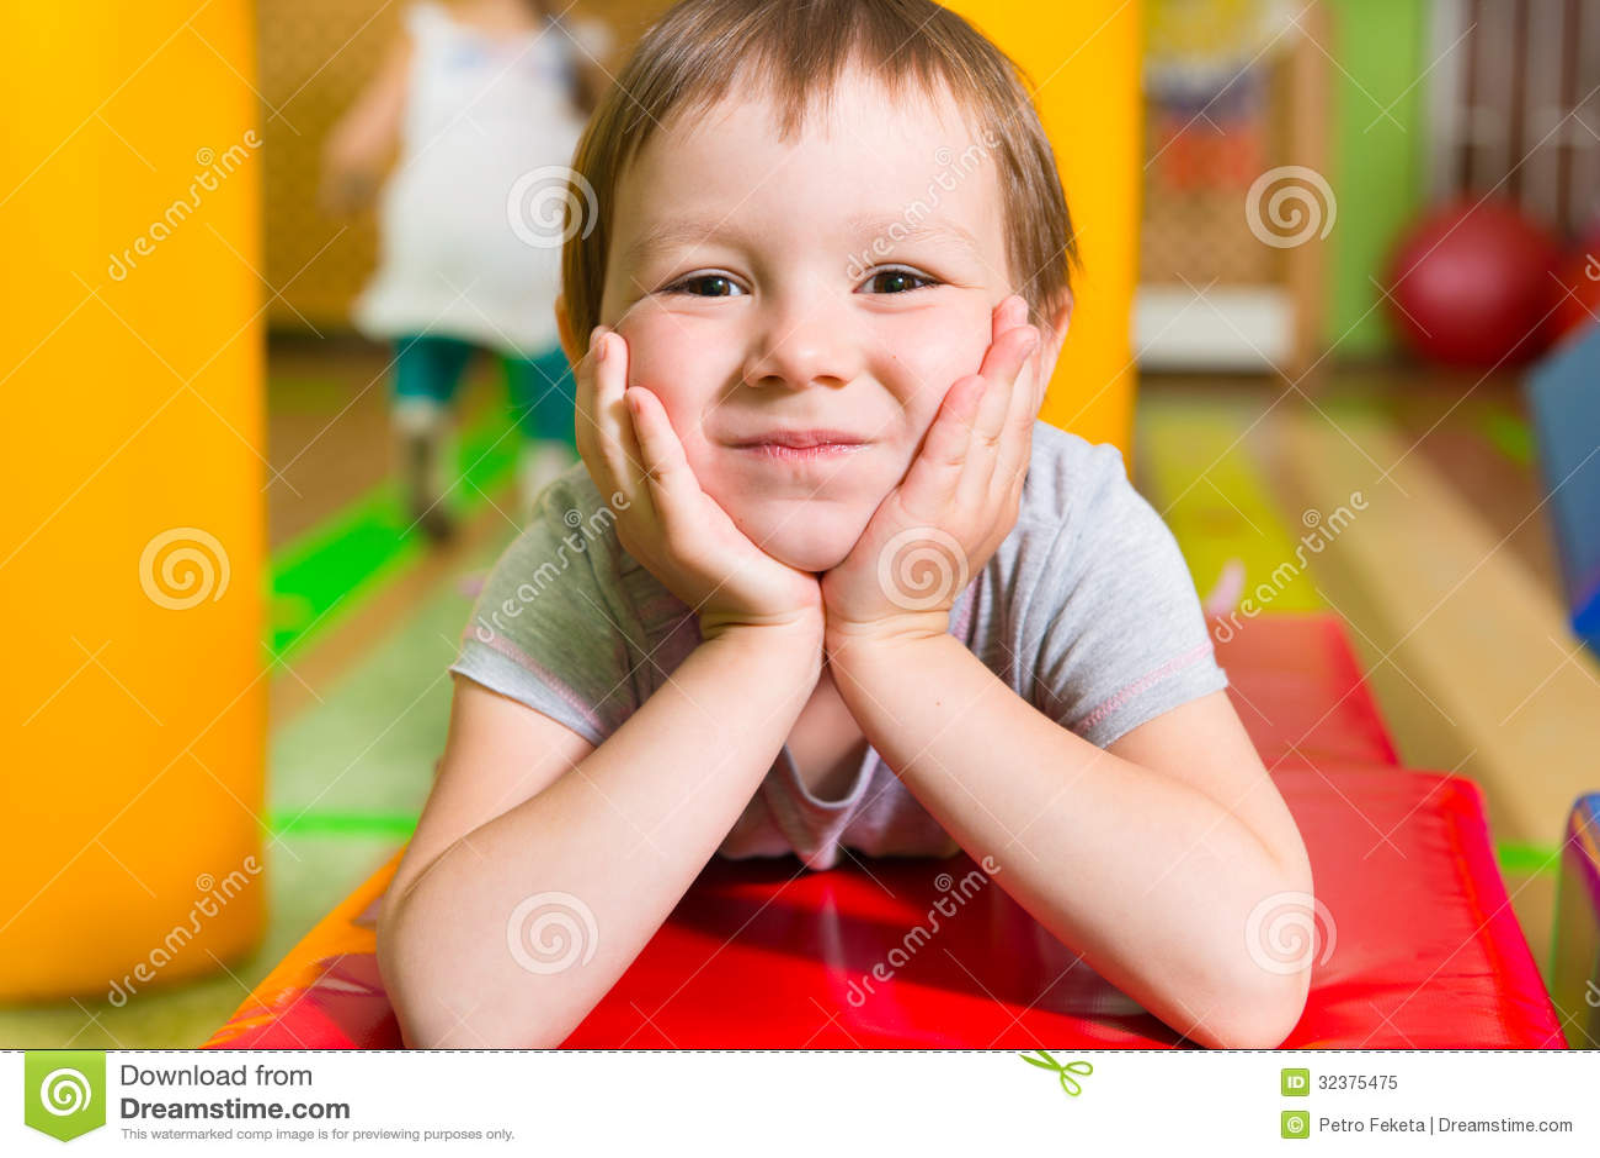 Cute little girl portrait in daycare